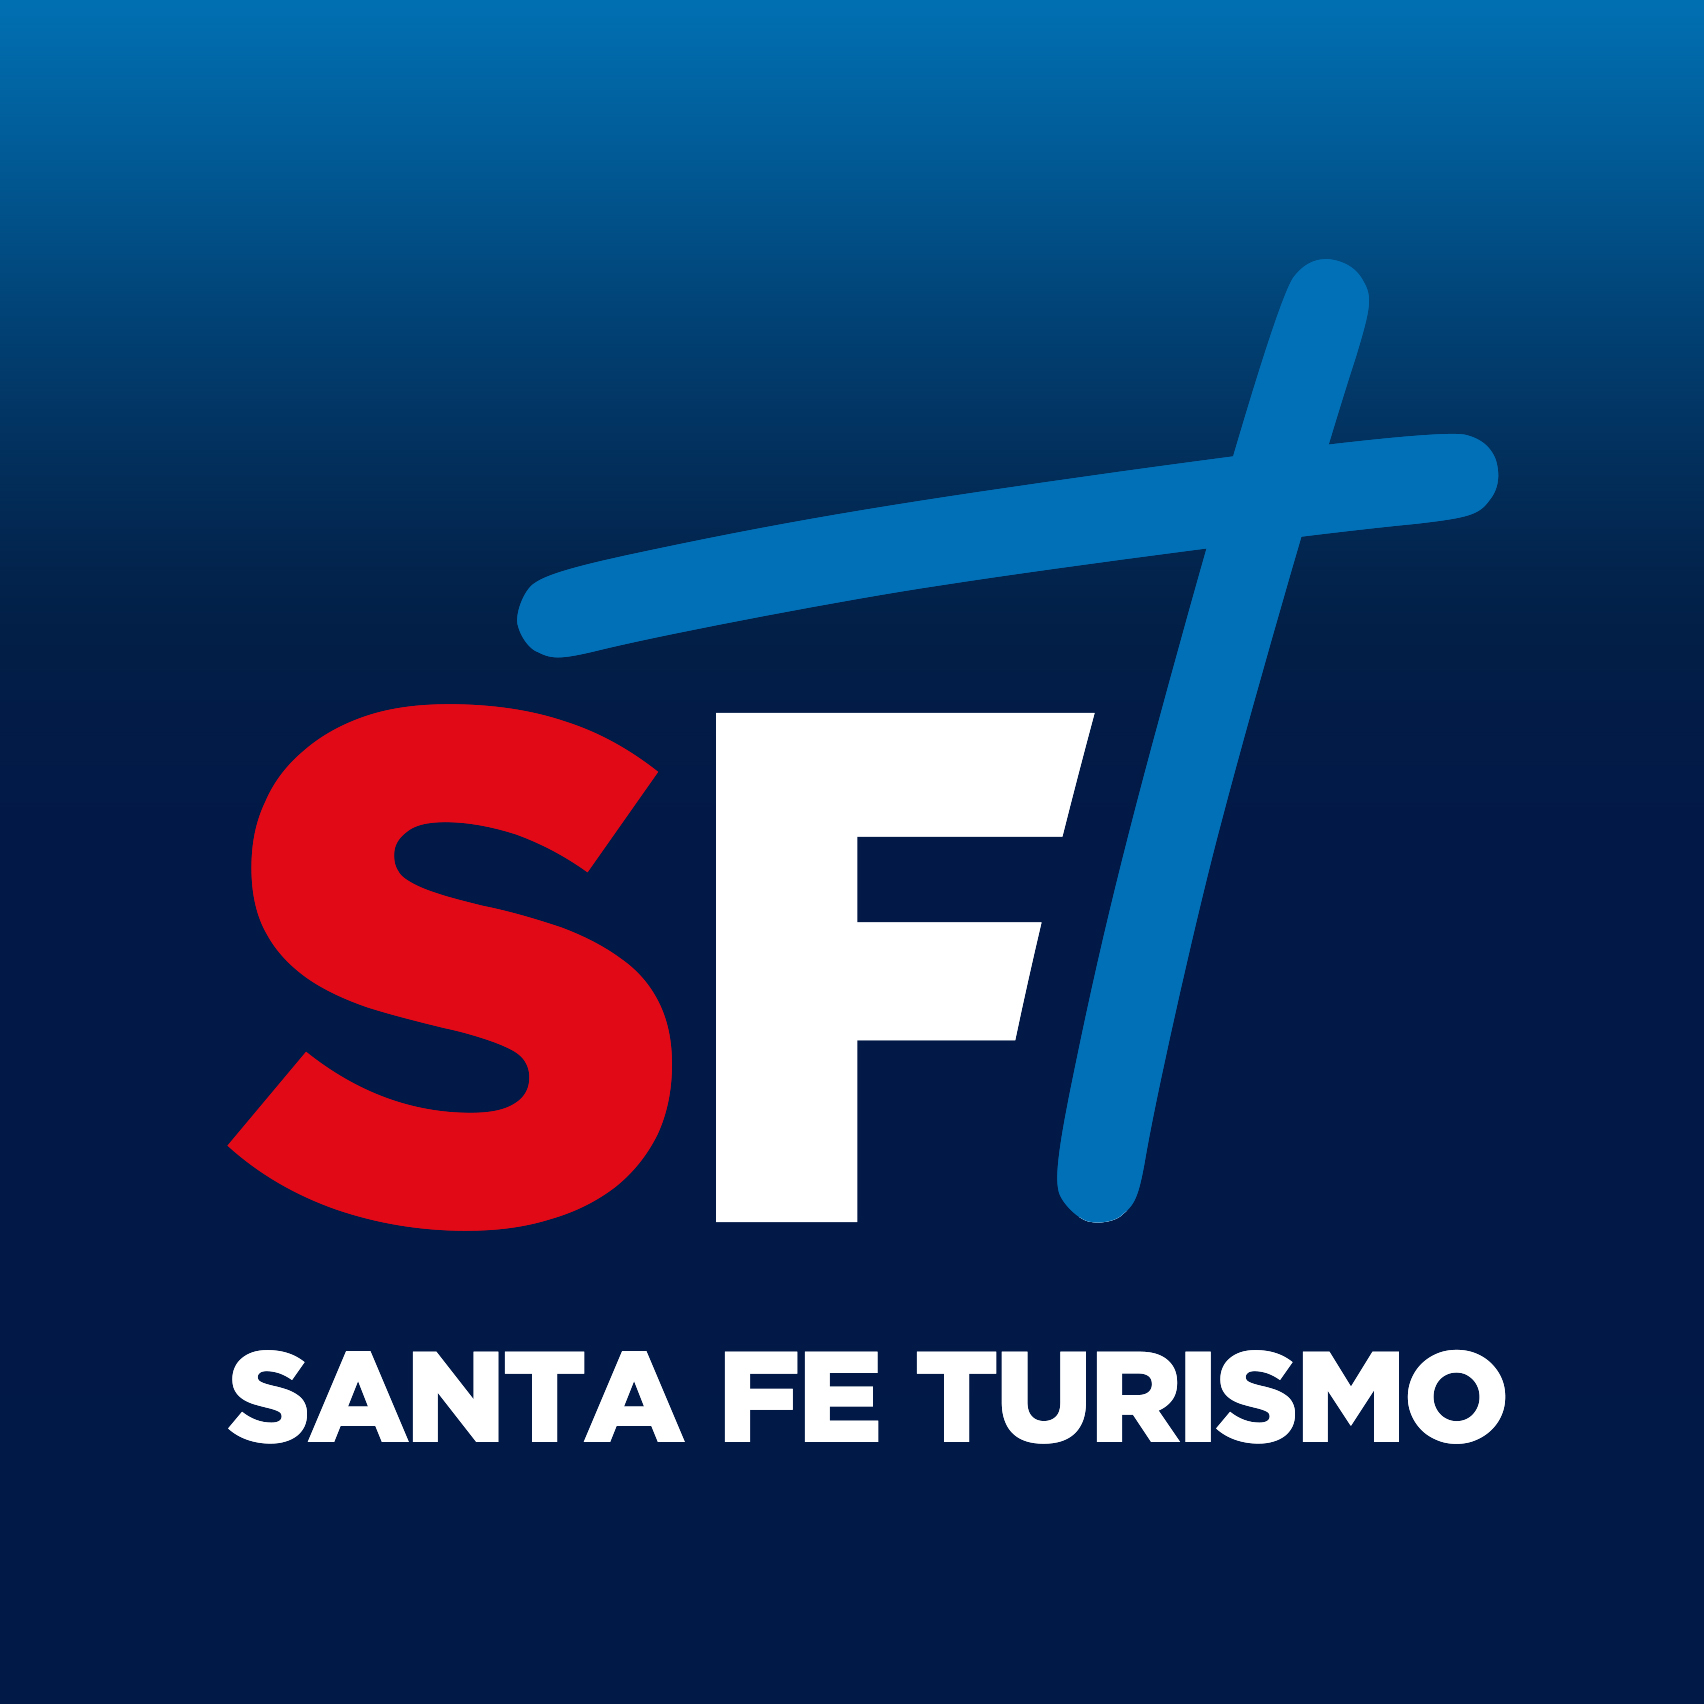 Turismo de Santa Fe